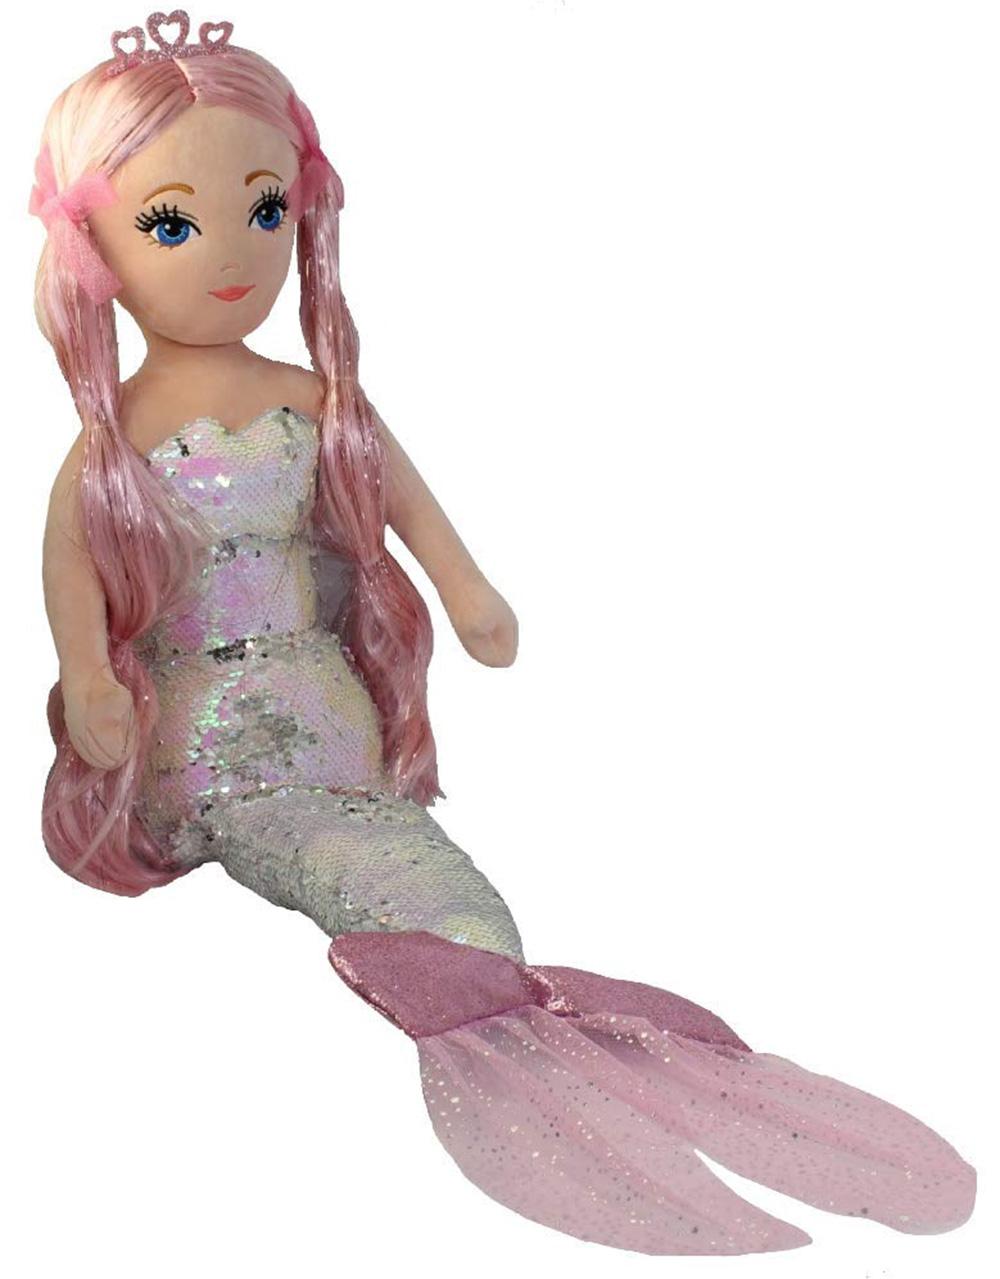 Ty CORA Pailletten Meerjungfrau mehrfarbig groß, Sea Sequins XXL mit Wende Pailletten 91 cm